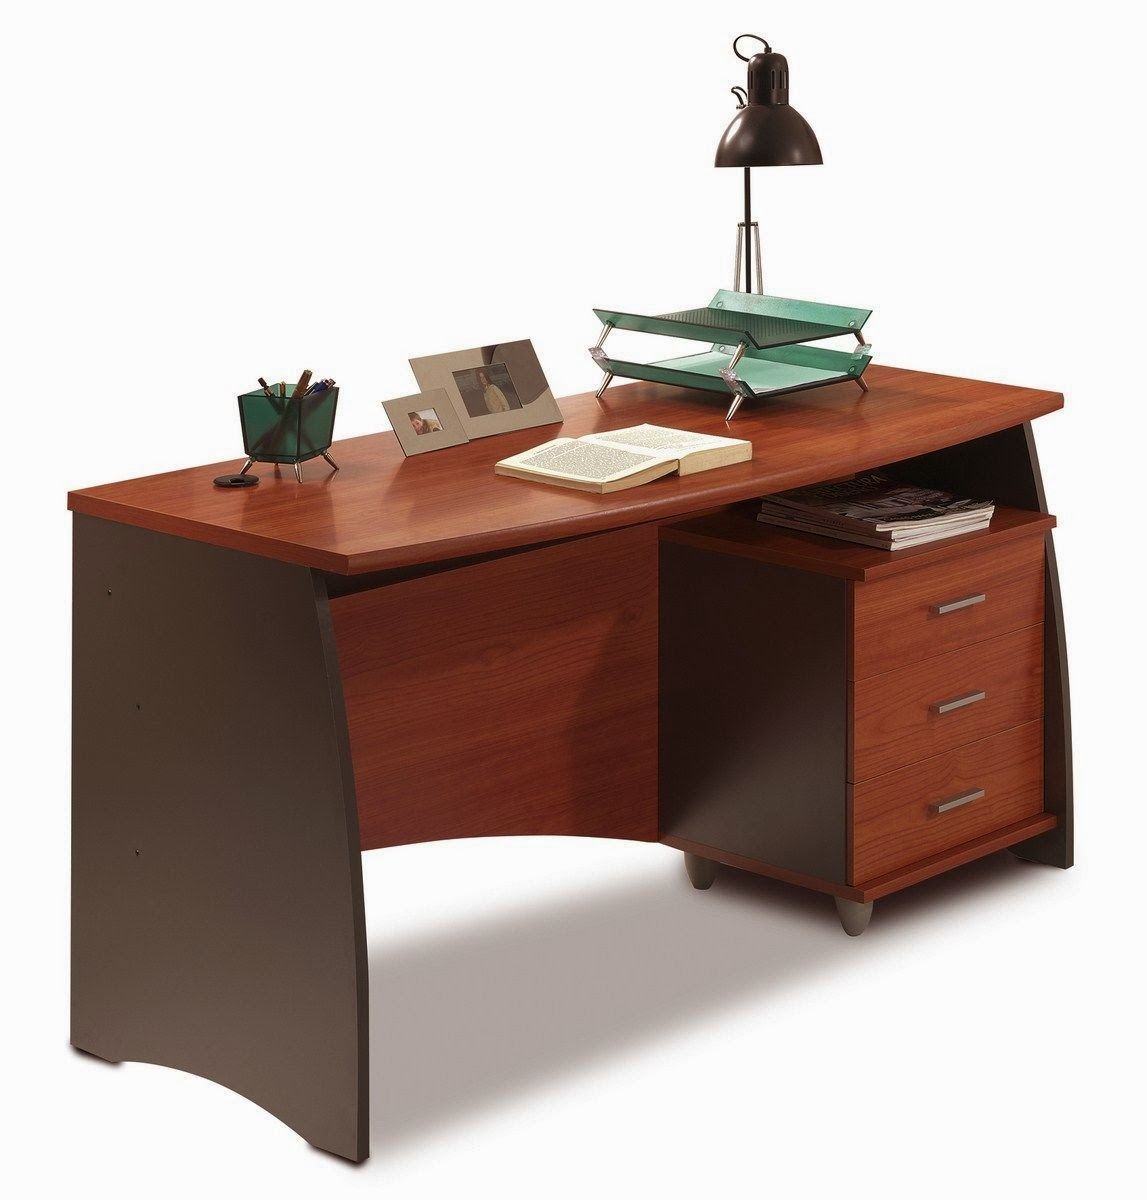 Montaje y reparaci n de ordenadores mesas de ordenador for Muebles para oficina economicos